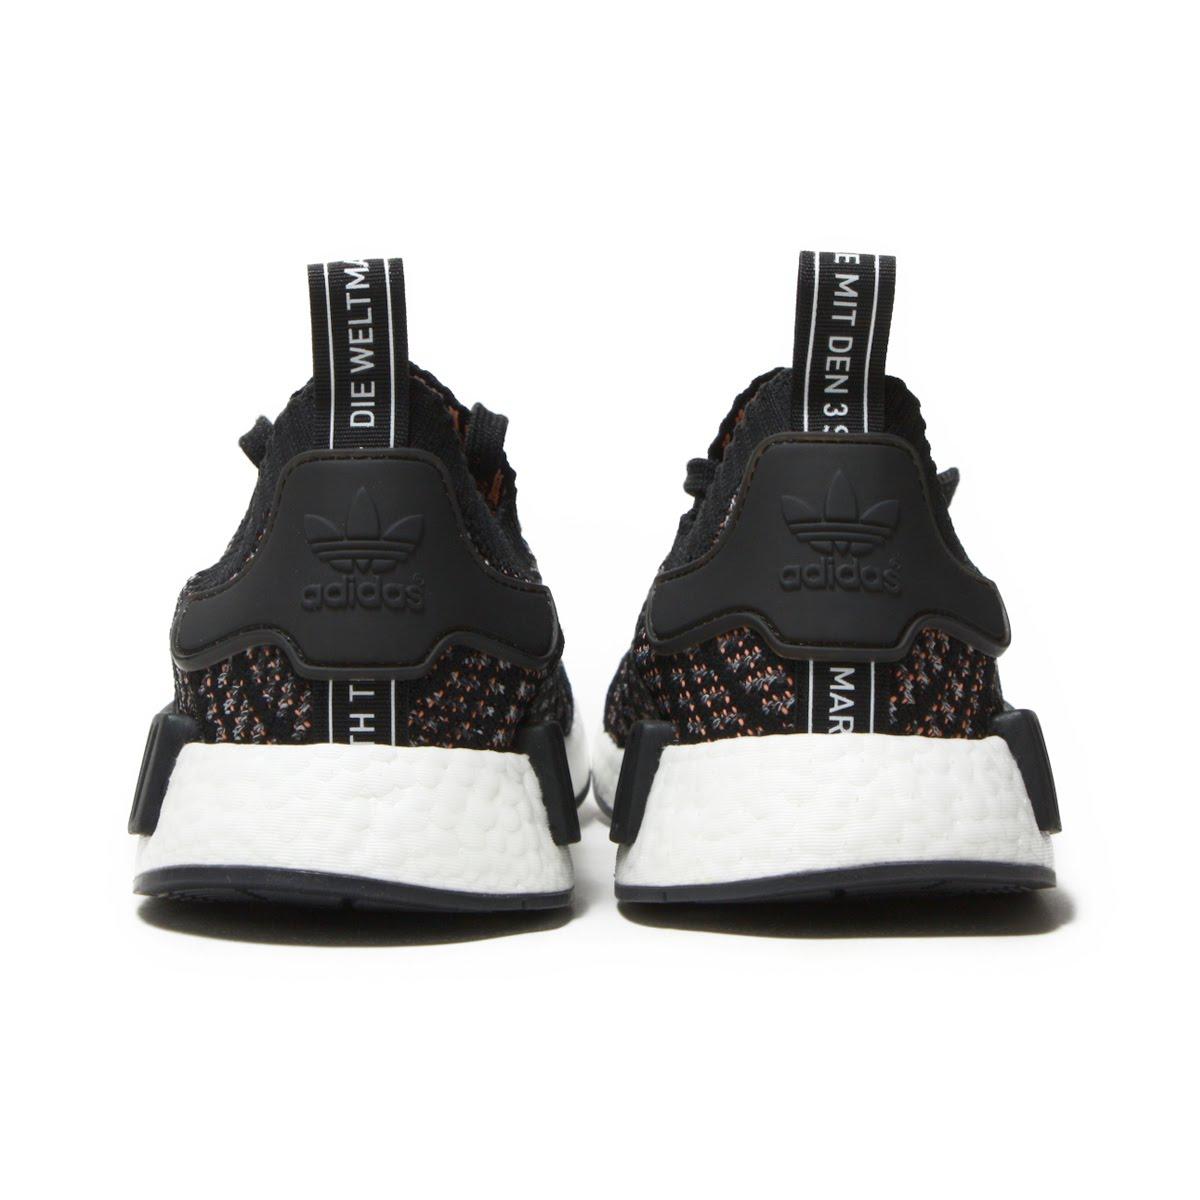 quality design 304b5 9c610 adidas Originals NMD R1 STLT PK (Adidas originals N M D R1STLT PK W) Core  Black Grey Grey 18FW-I